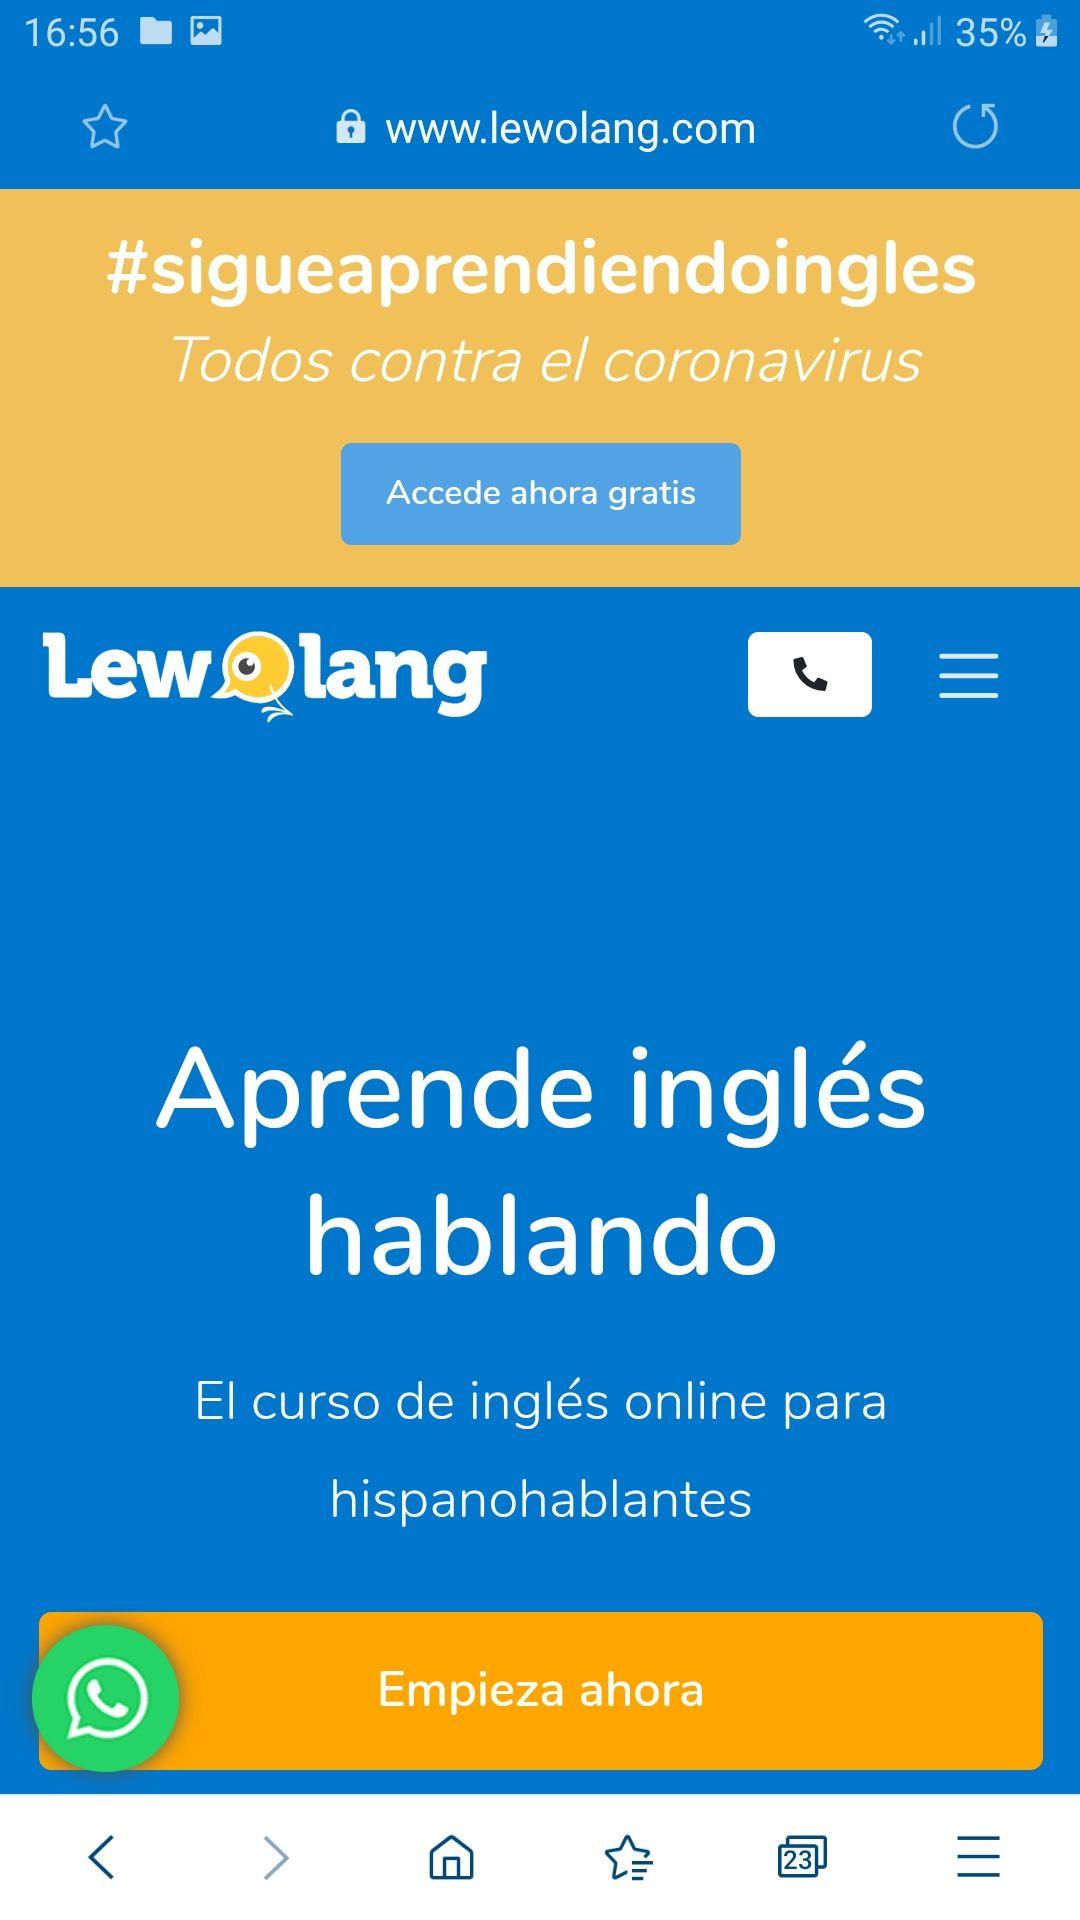 Curso Inglés para hispanohablantes GRATIS durante la pandemia